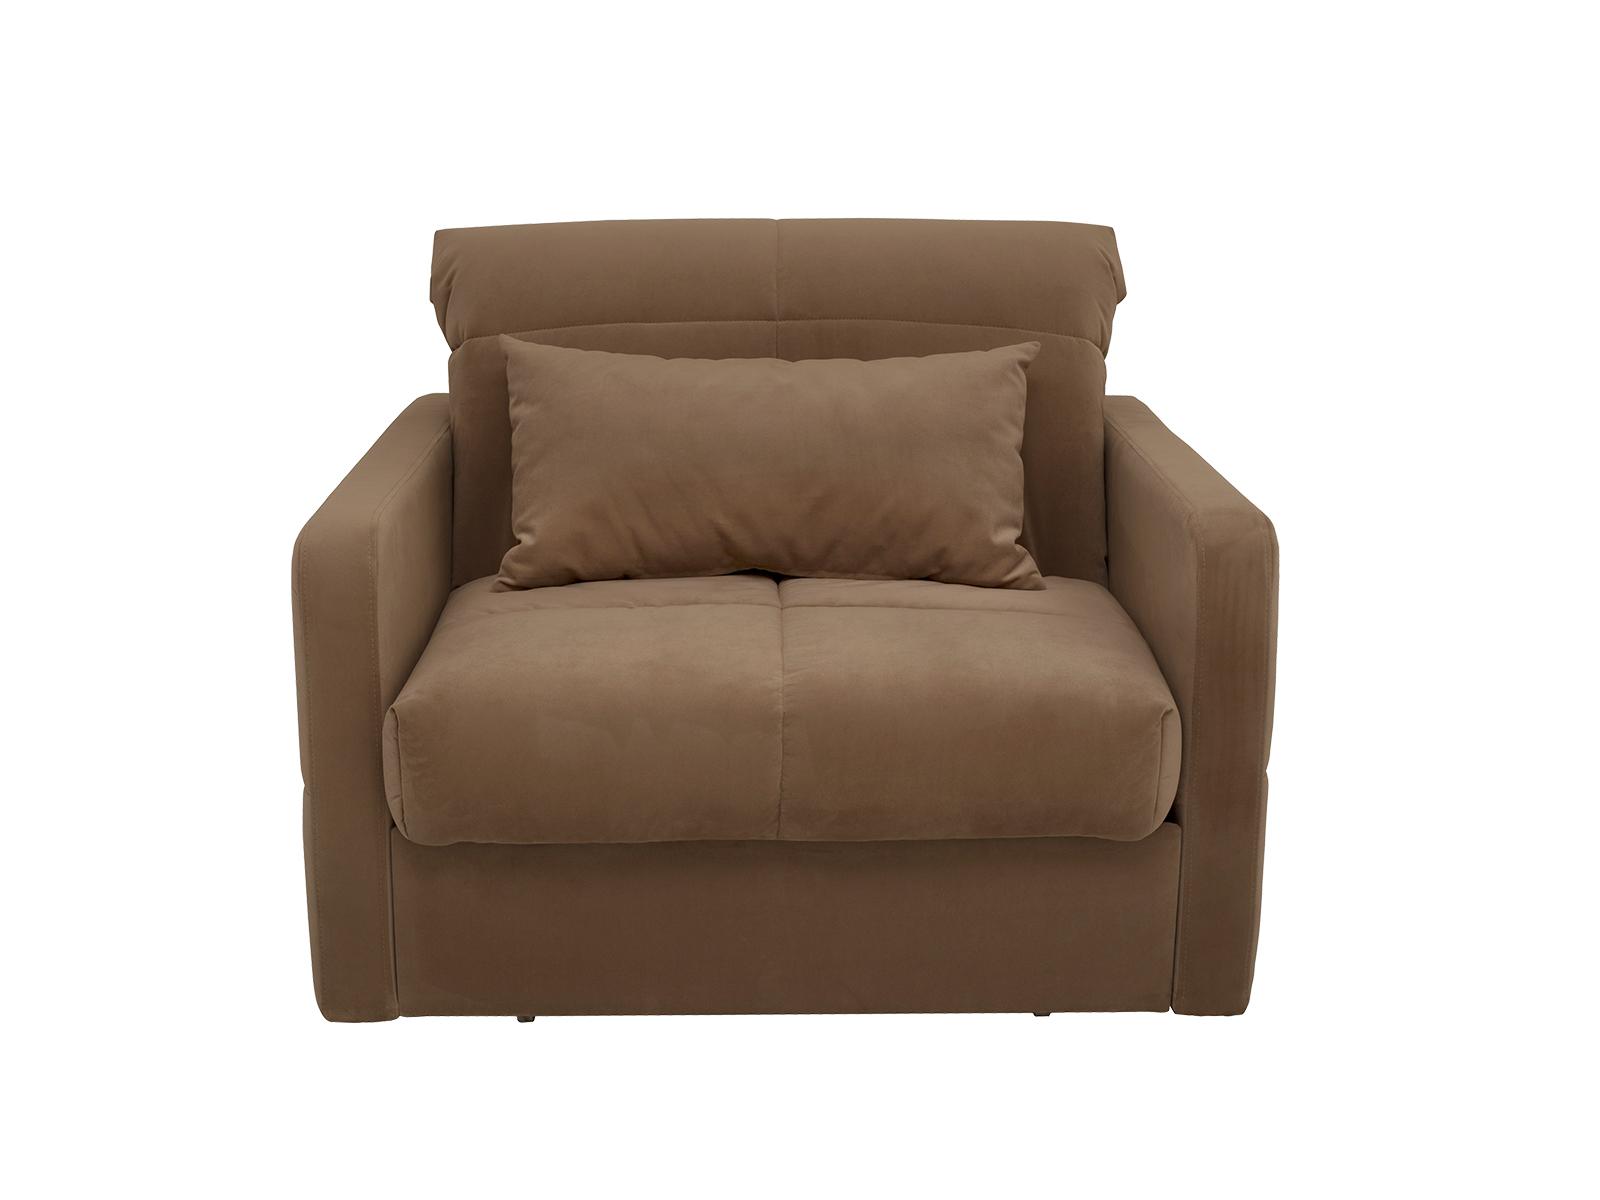 Кресло-кровать DNV&KAN 15433837 от thefurnish